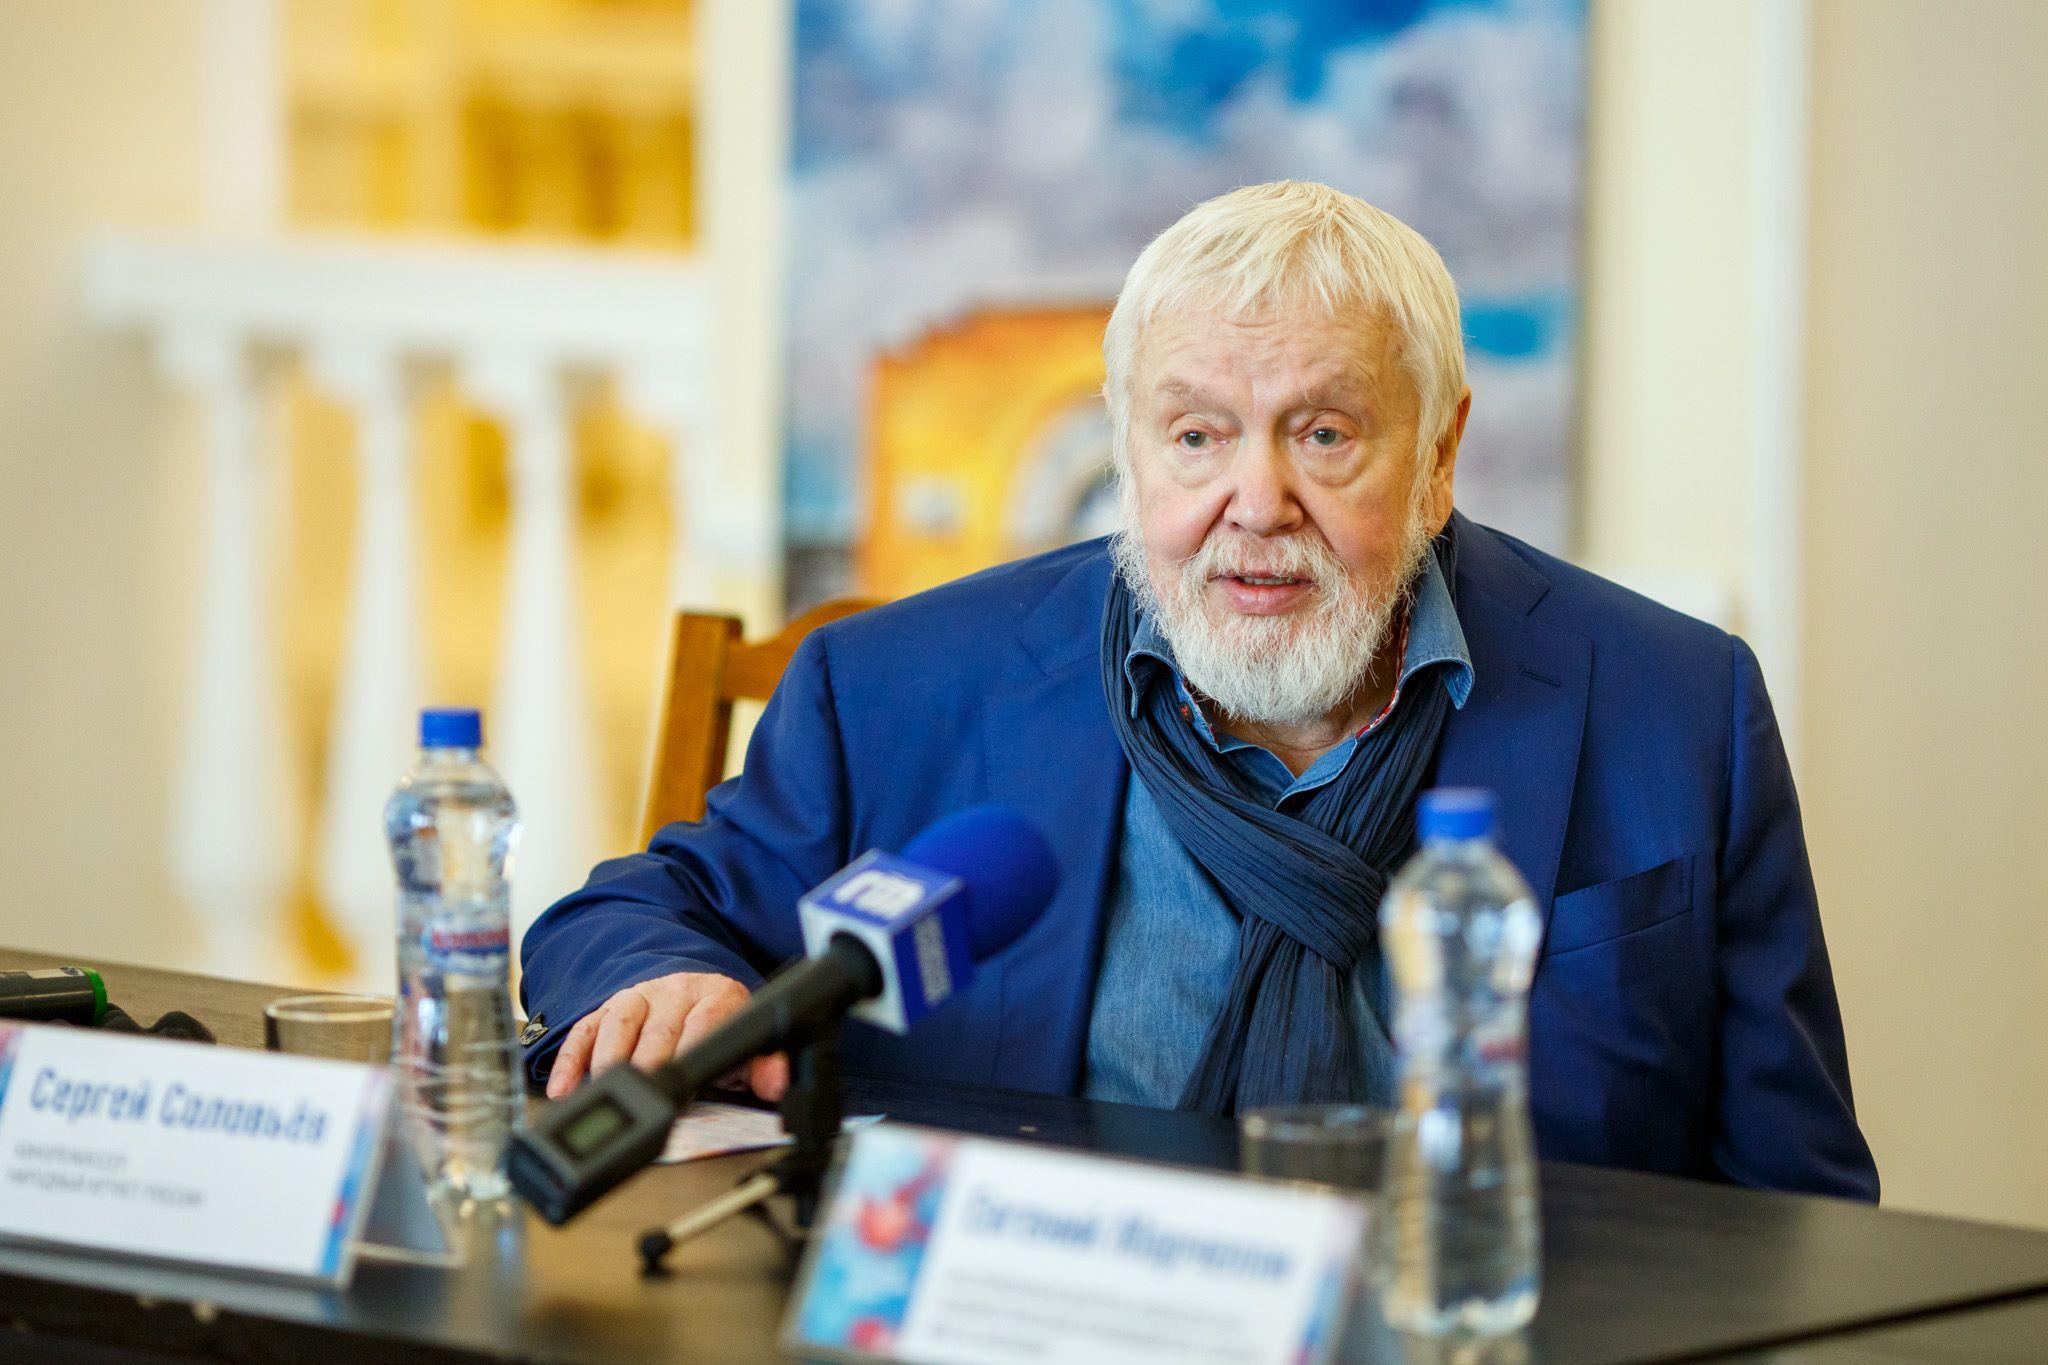 Ярославцев приглашают на творческую встречу с известным режиссером